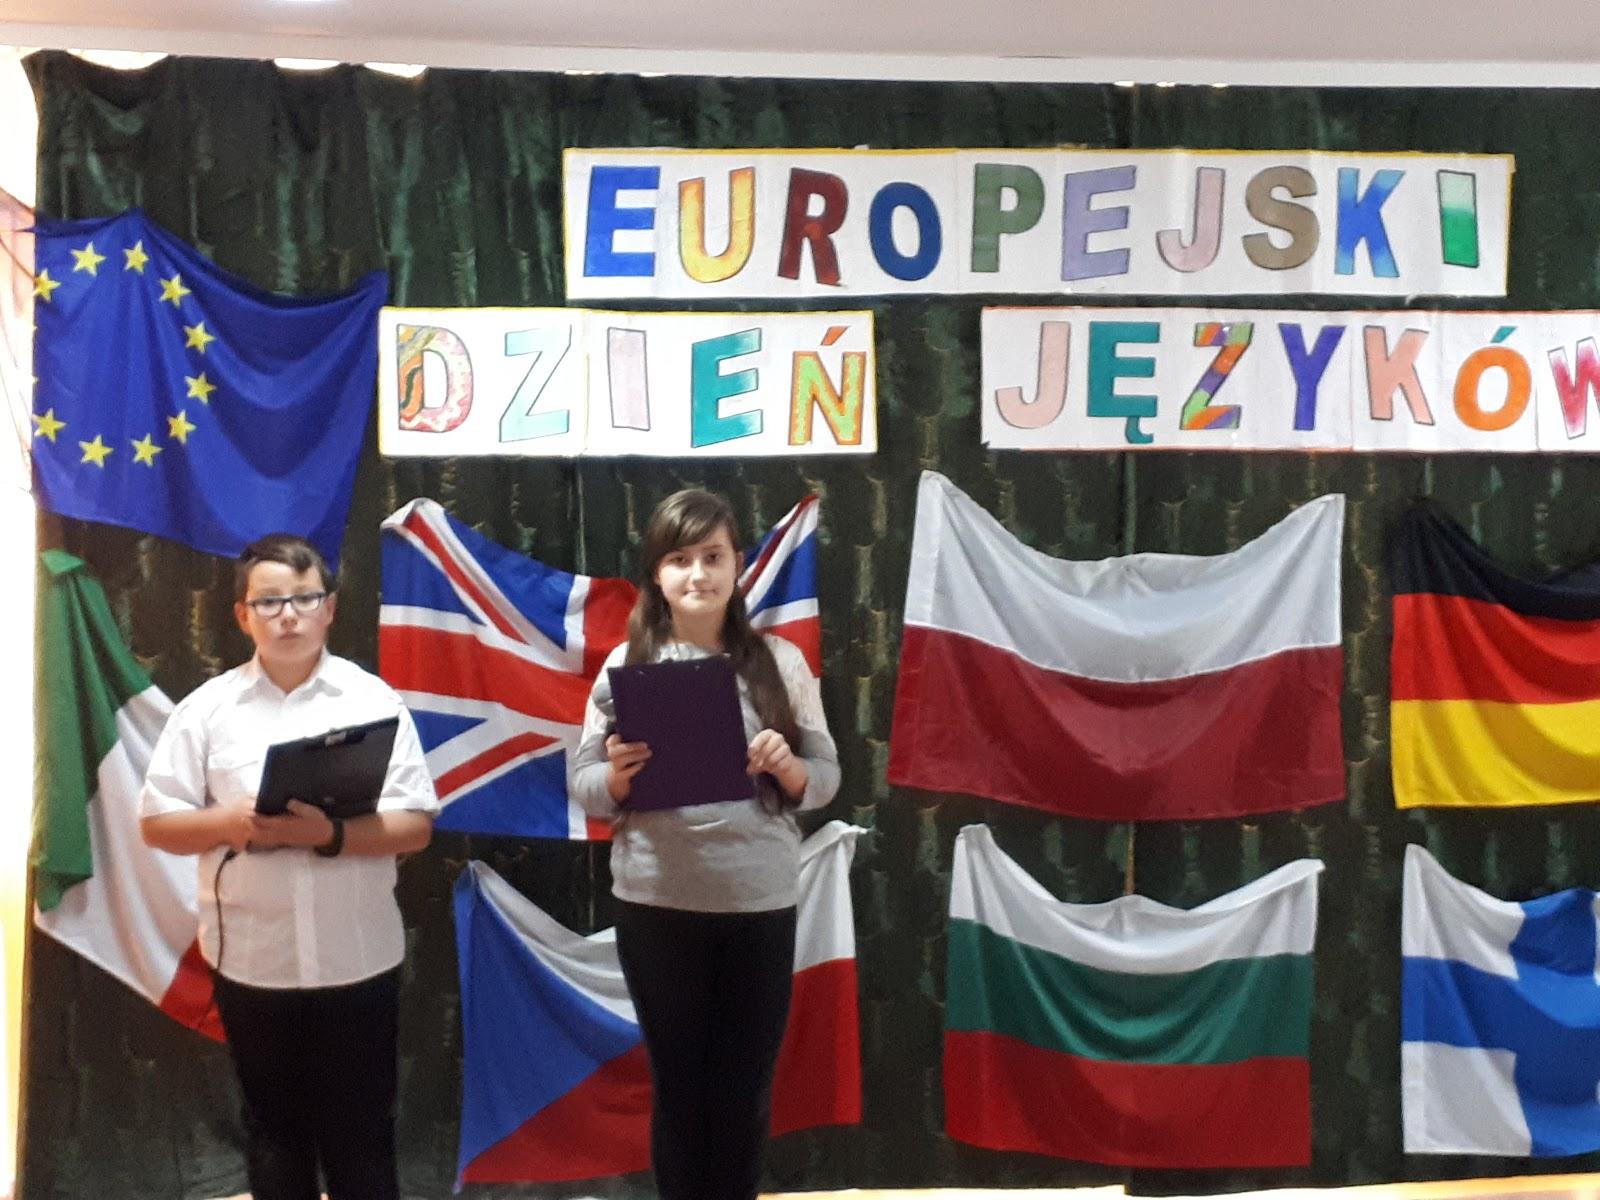 Europejski Dzień Języków - 27.09.2017